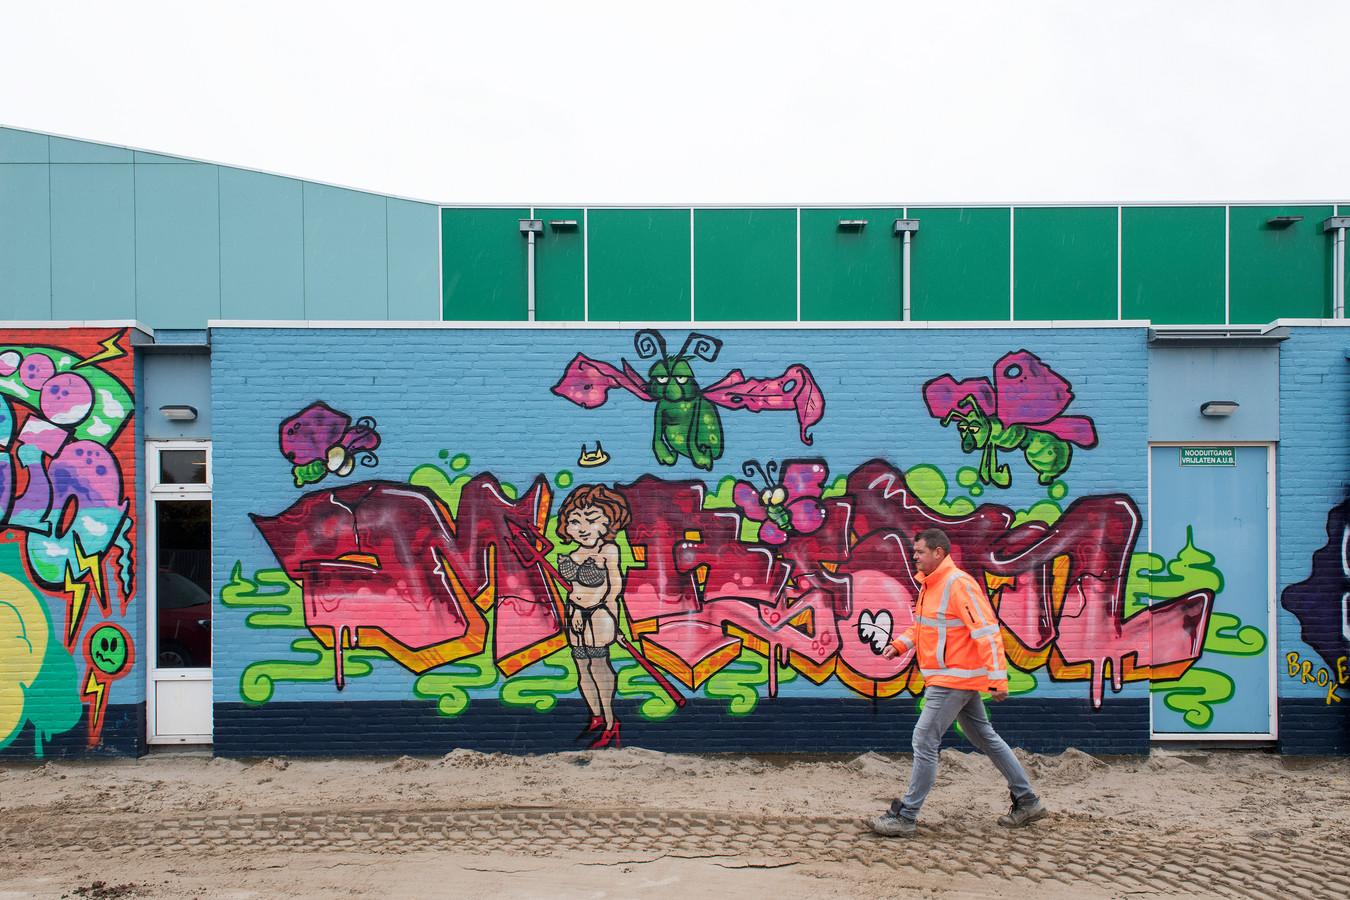 Op het zwembad prijkt sinds zaterdag een enorm graffiti kunstwerk. Dat is goed te zien vanaf de Rivierenlandlaan en de Laan van Westroijen.